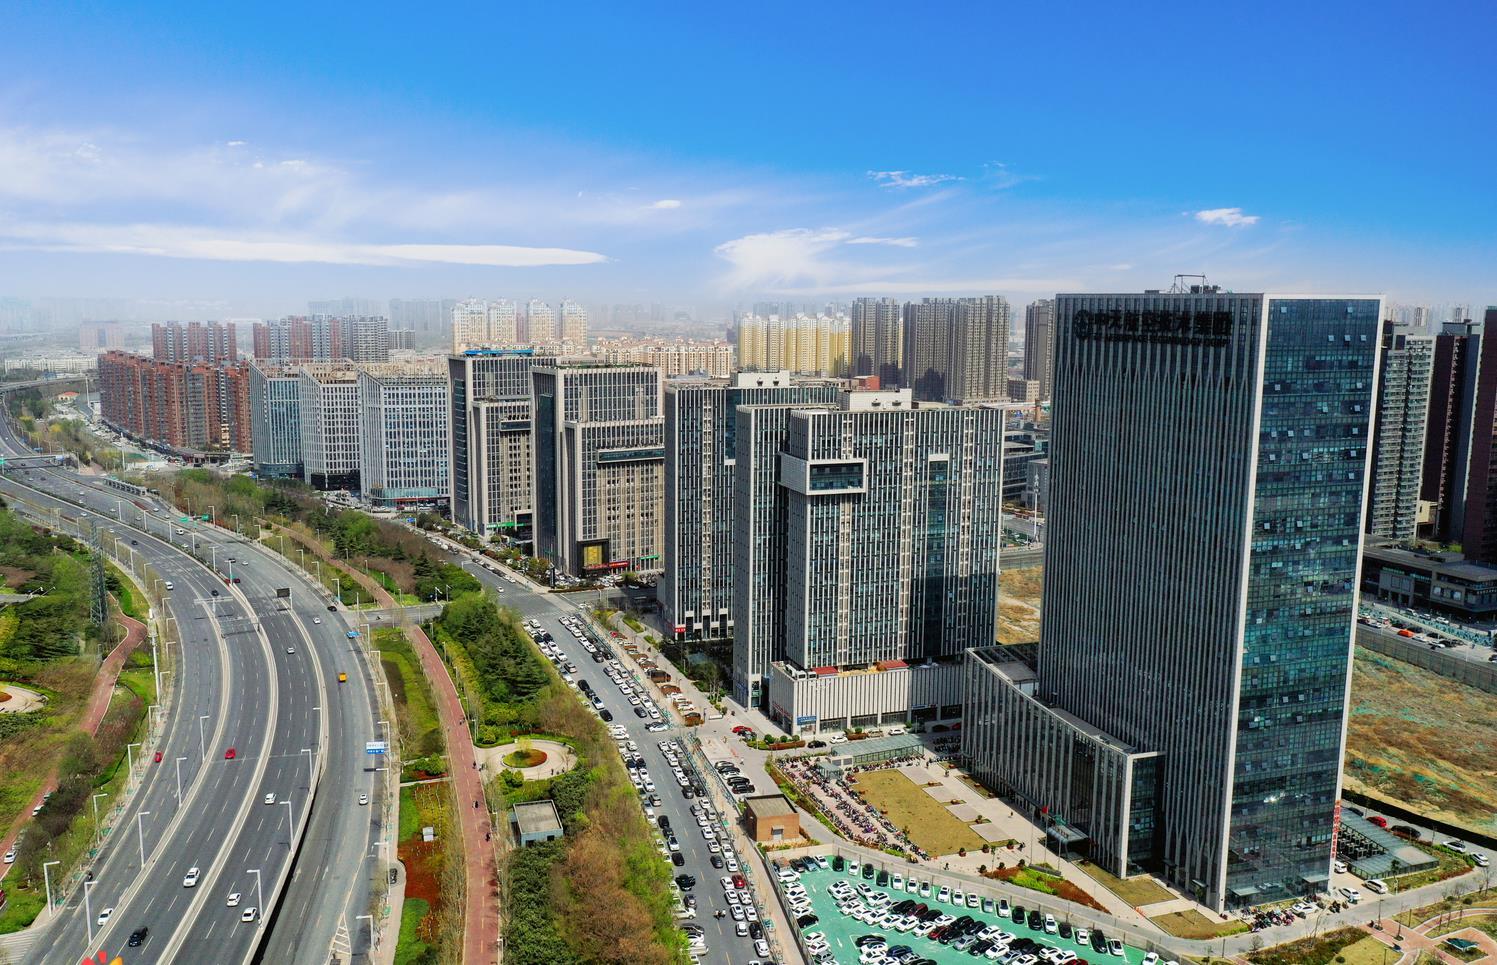 十大消费城市出炉:北上广深武汉入选